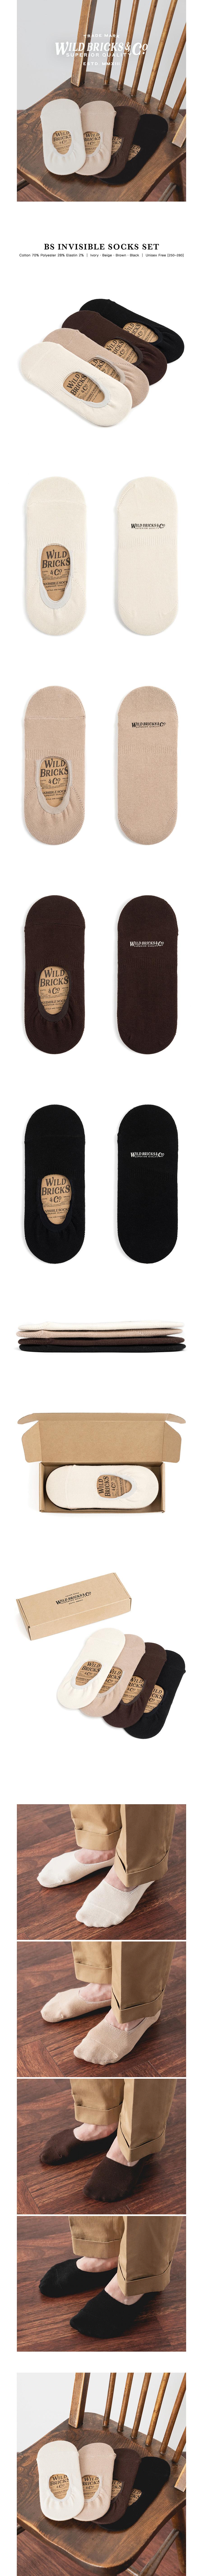 와일드 브릭스(WILD BRICKS) BS INVISIBLE SOCKS SET (ivory/beige/brown/black)